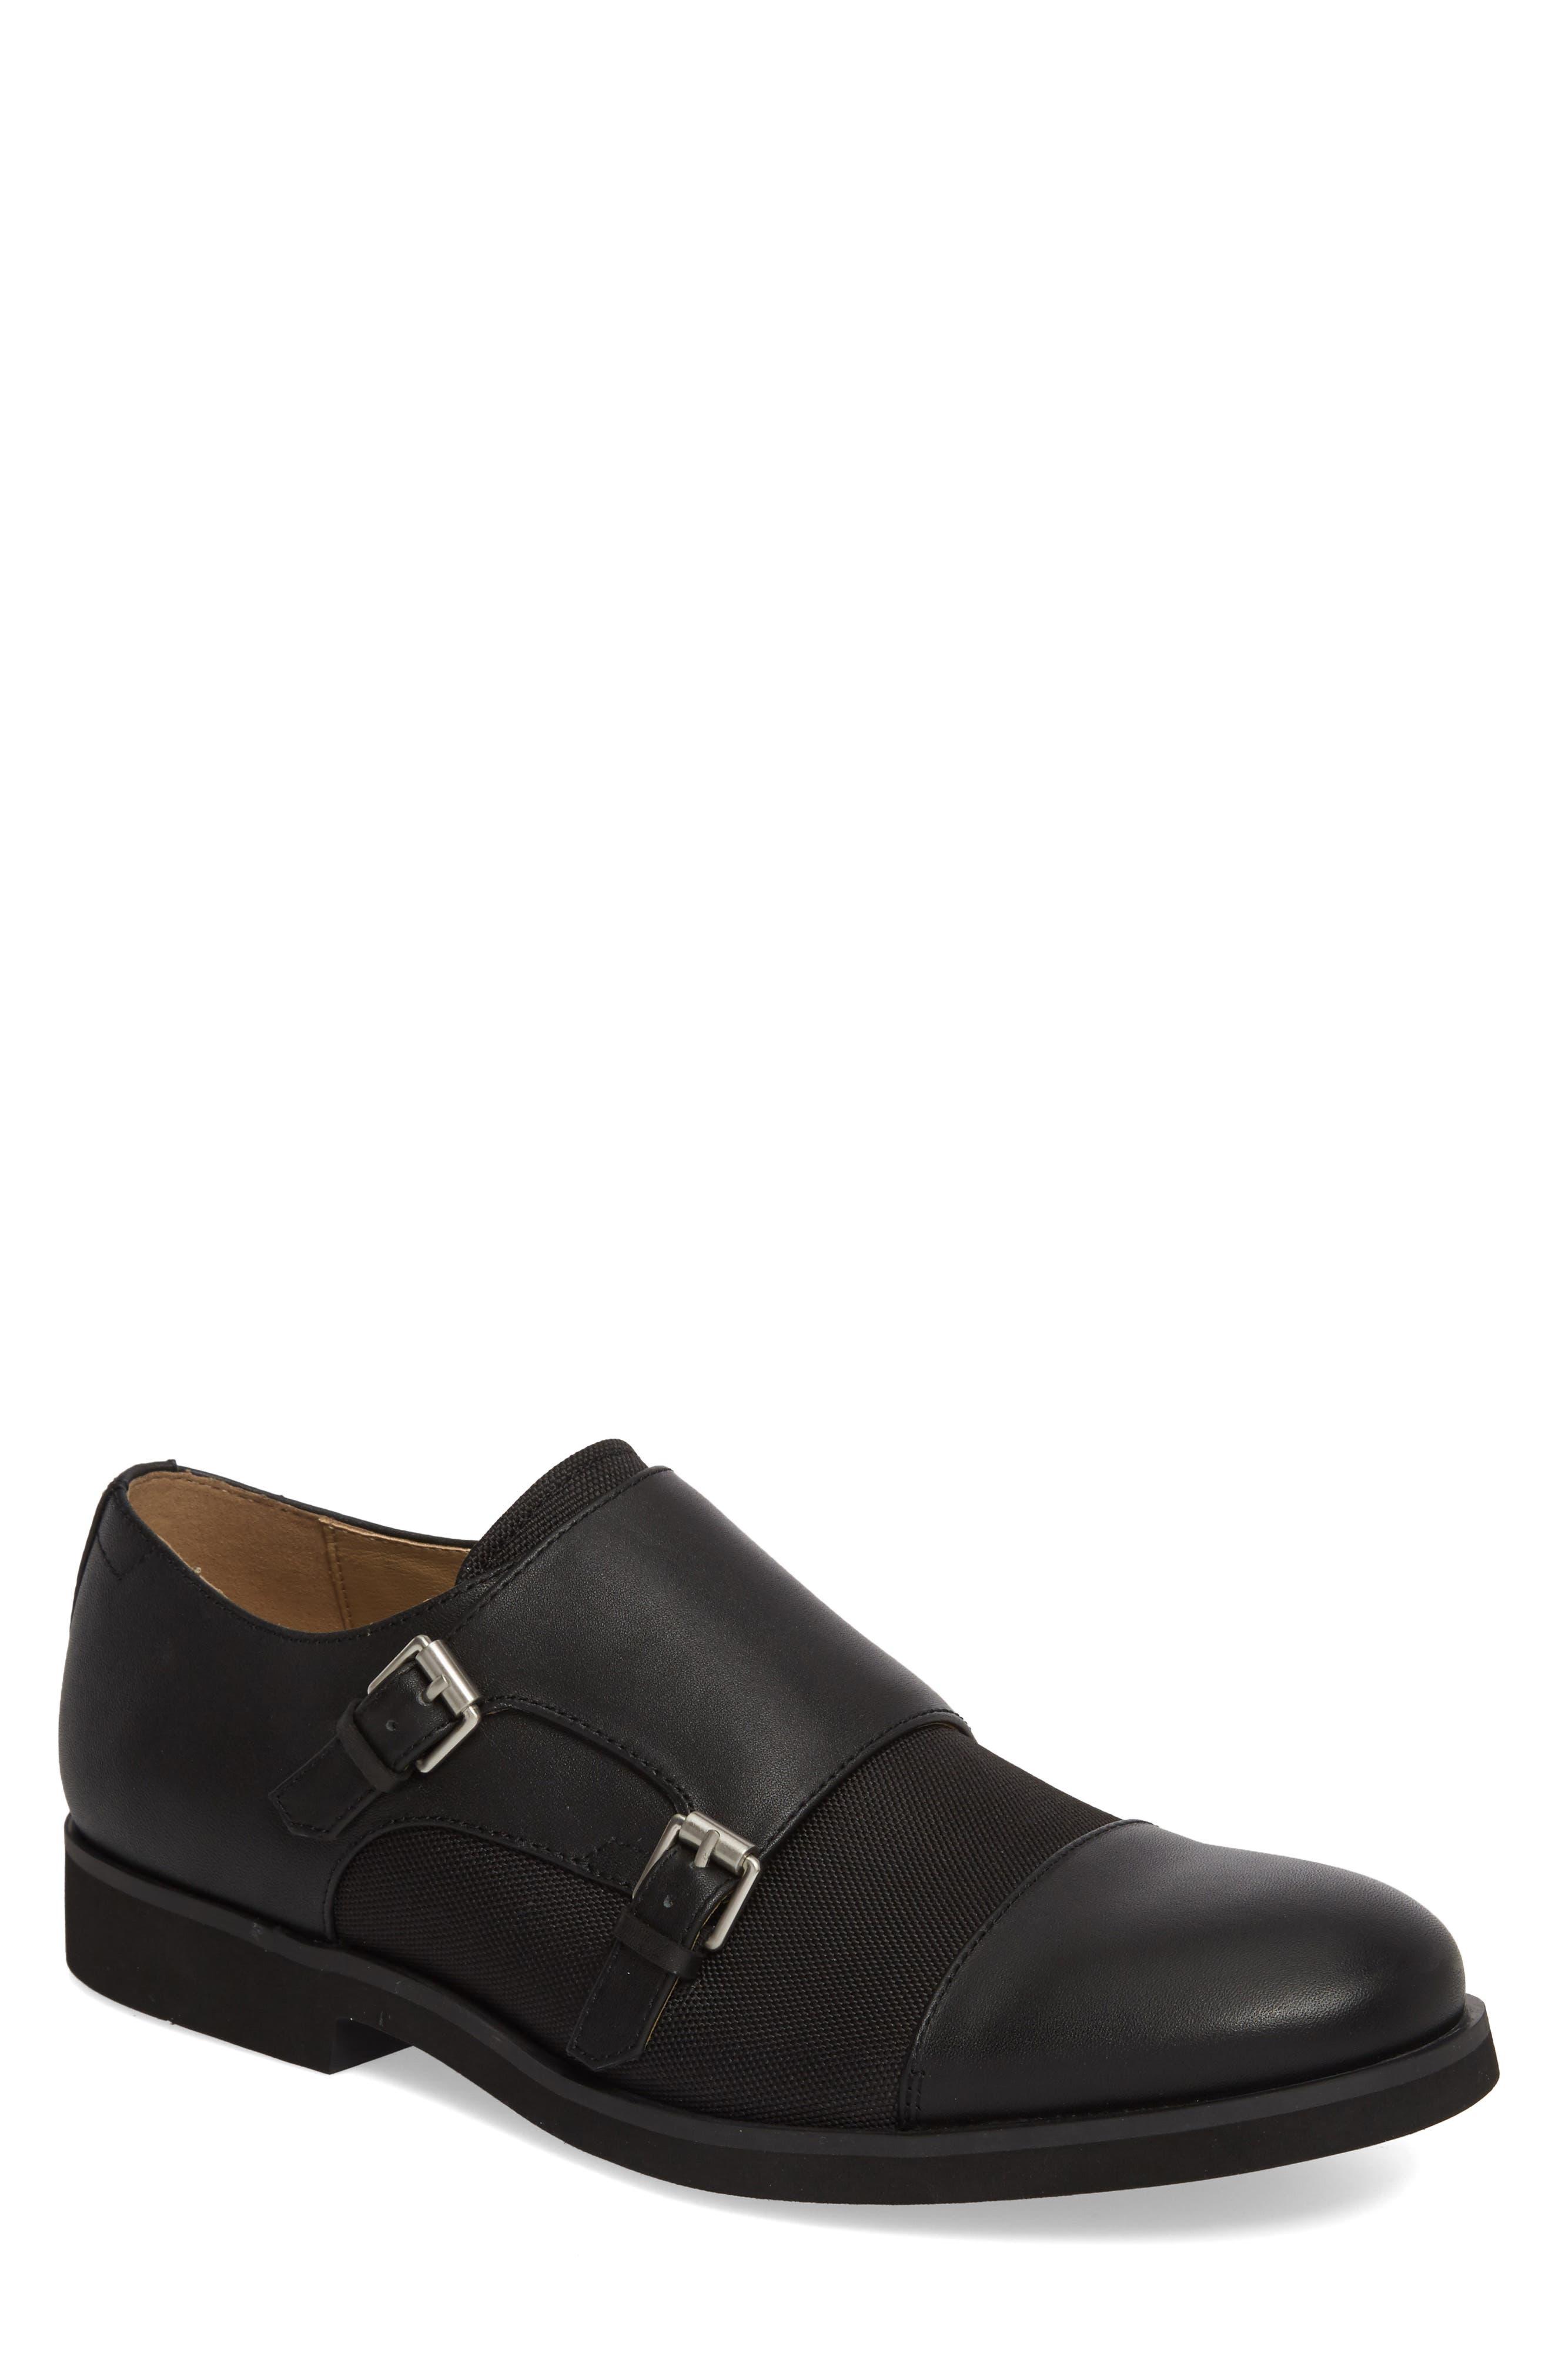 Finch Double Monk Strap Shoe,                             Main thumbnail 1, color,                             001